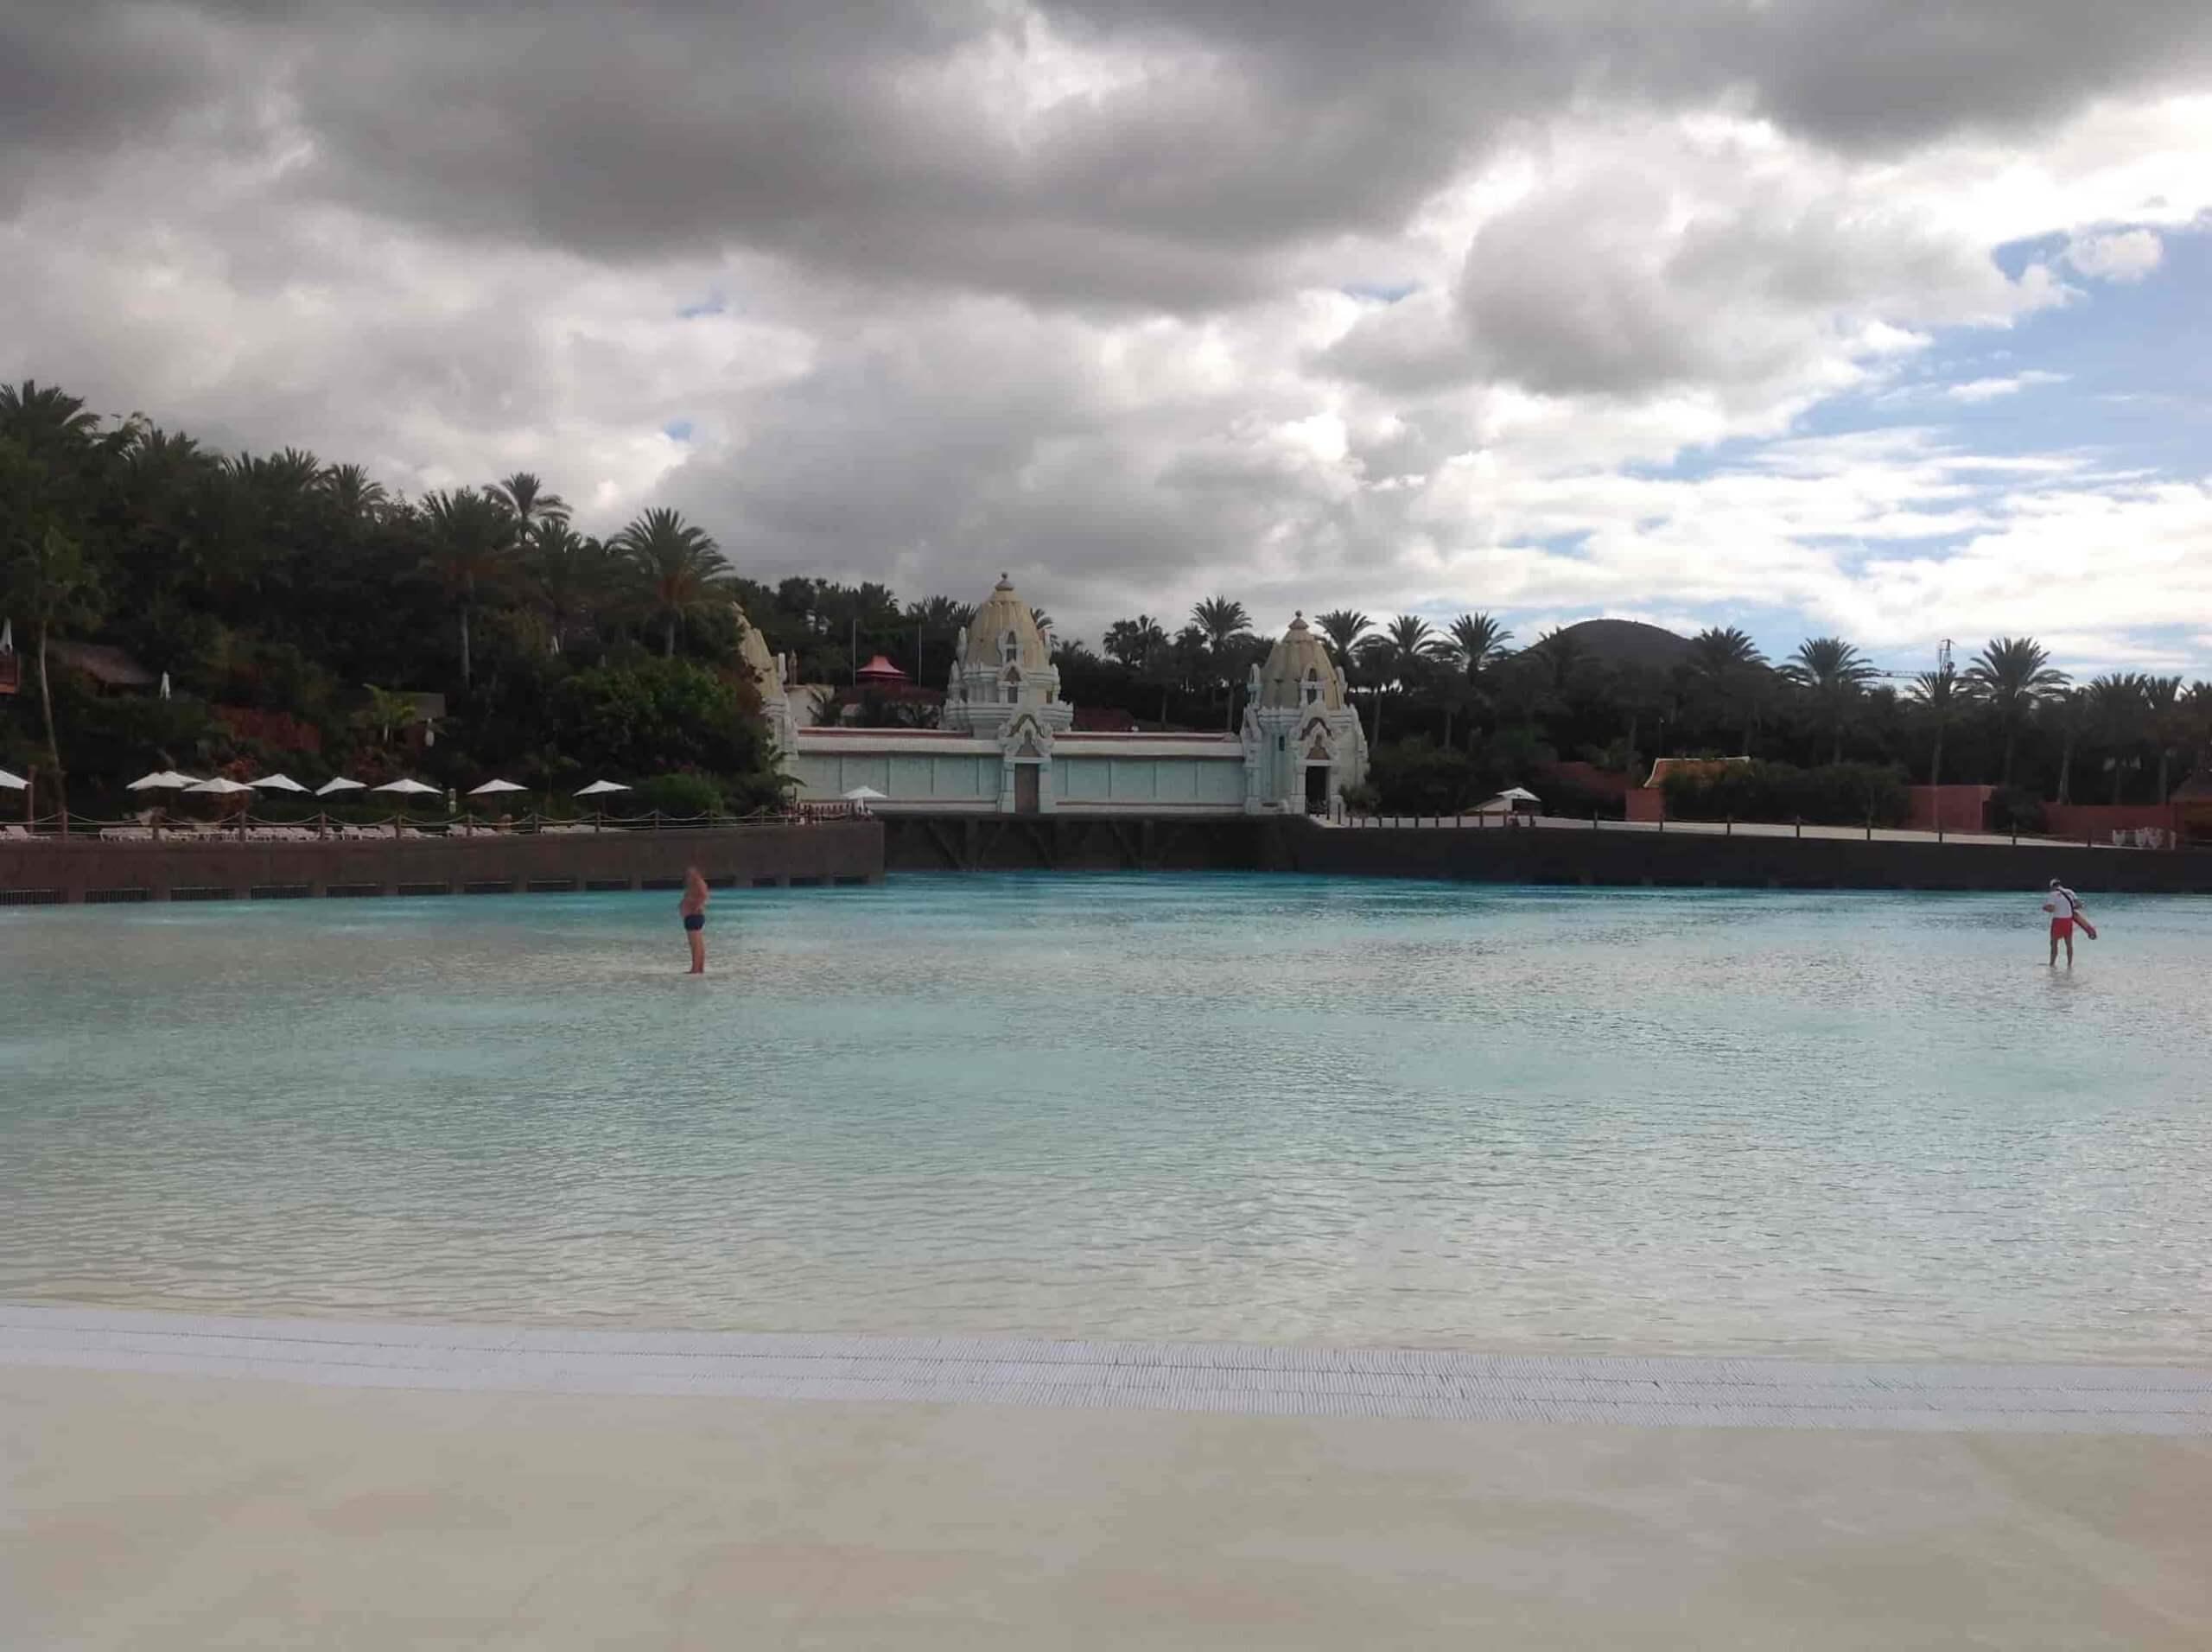 Пляж и бассейн с волнами - фото